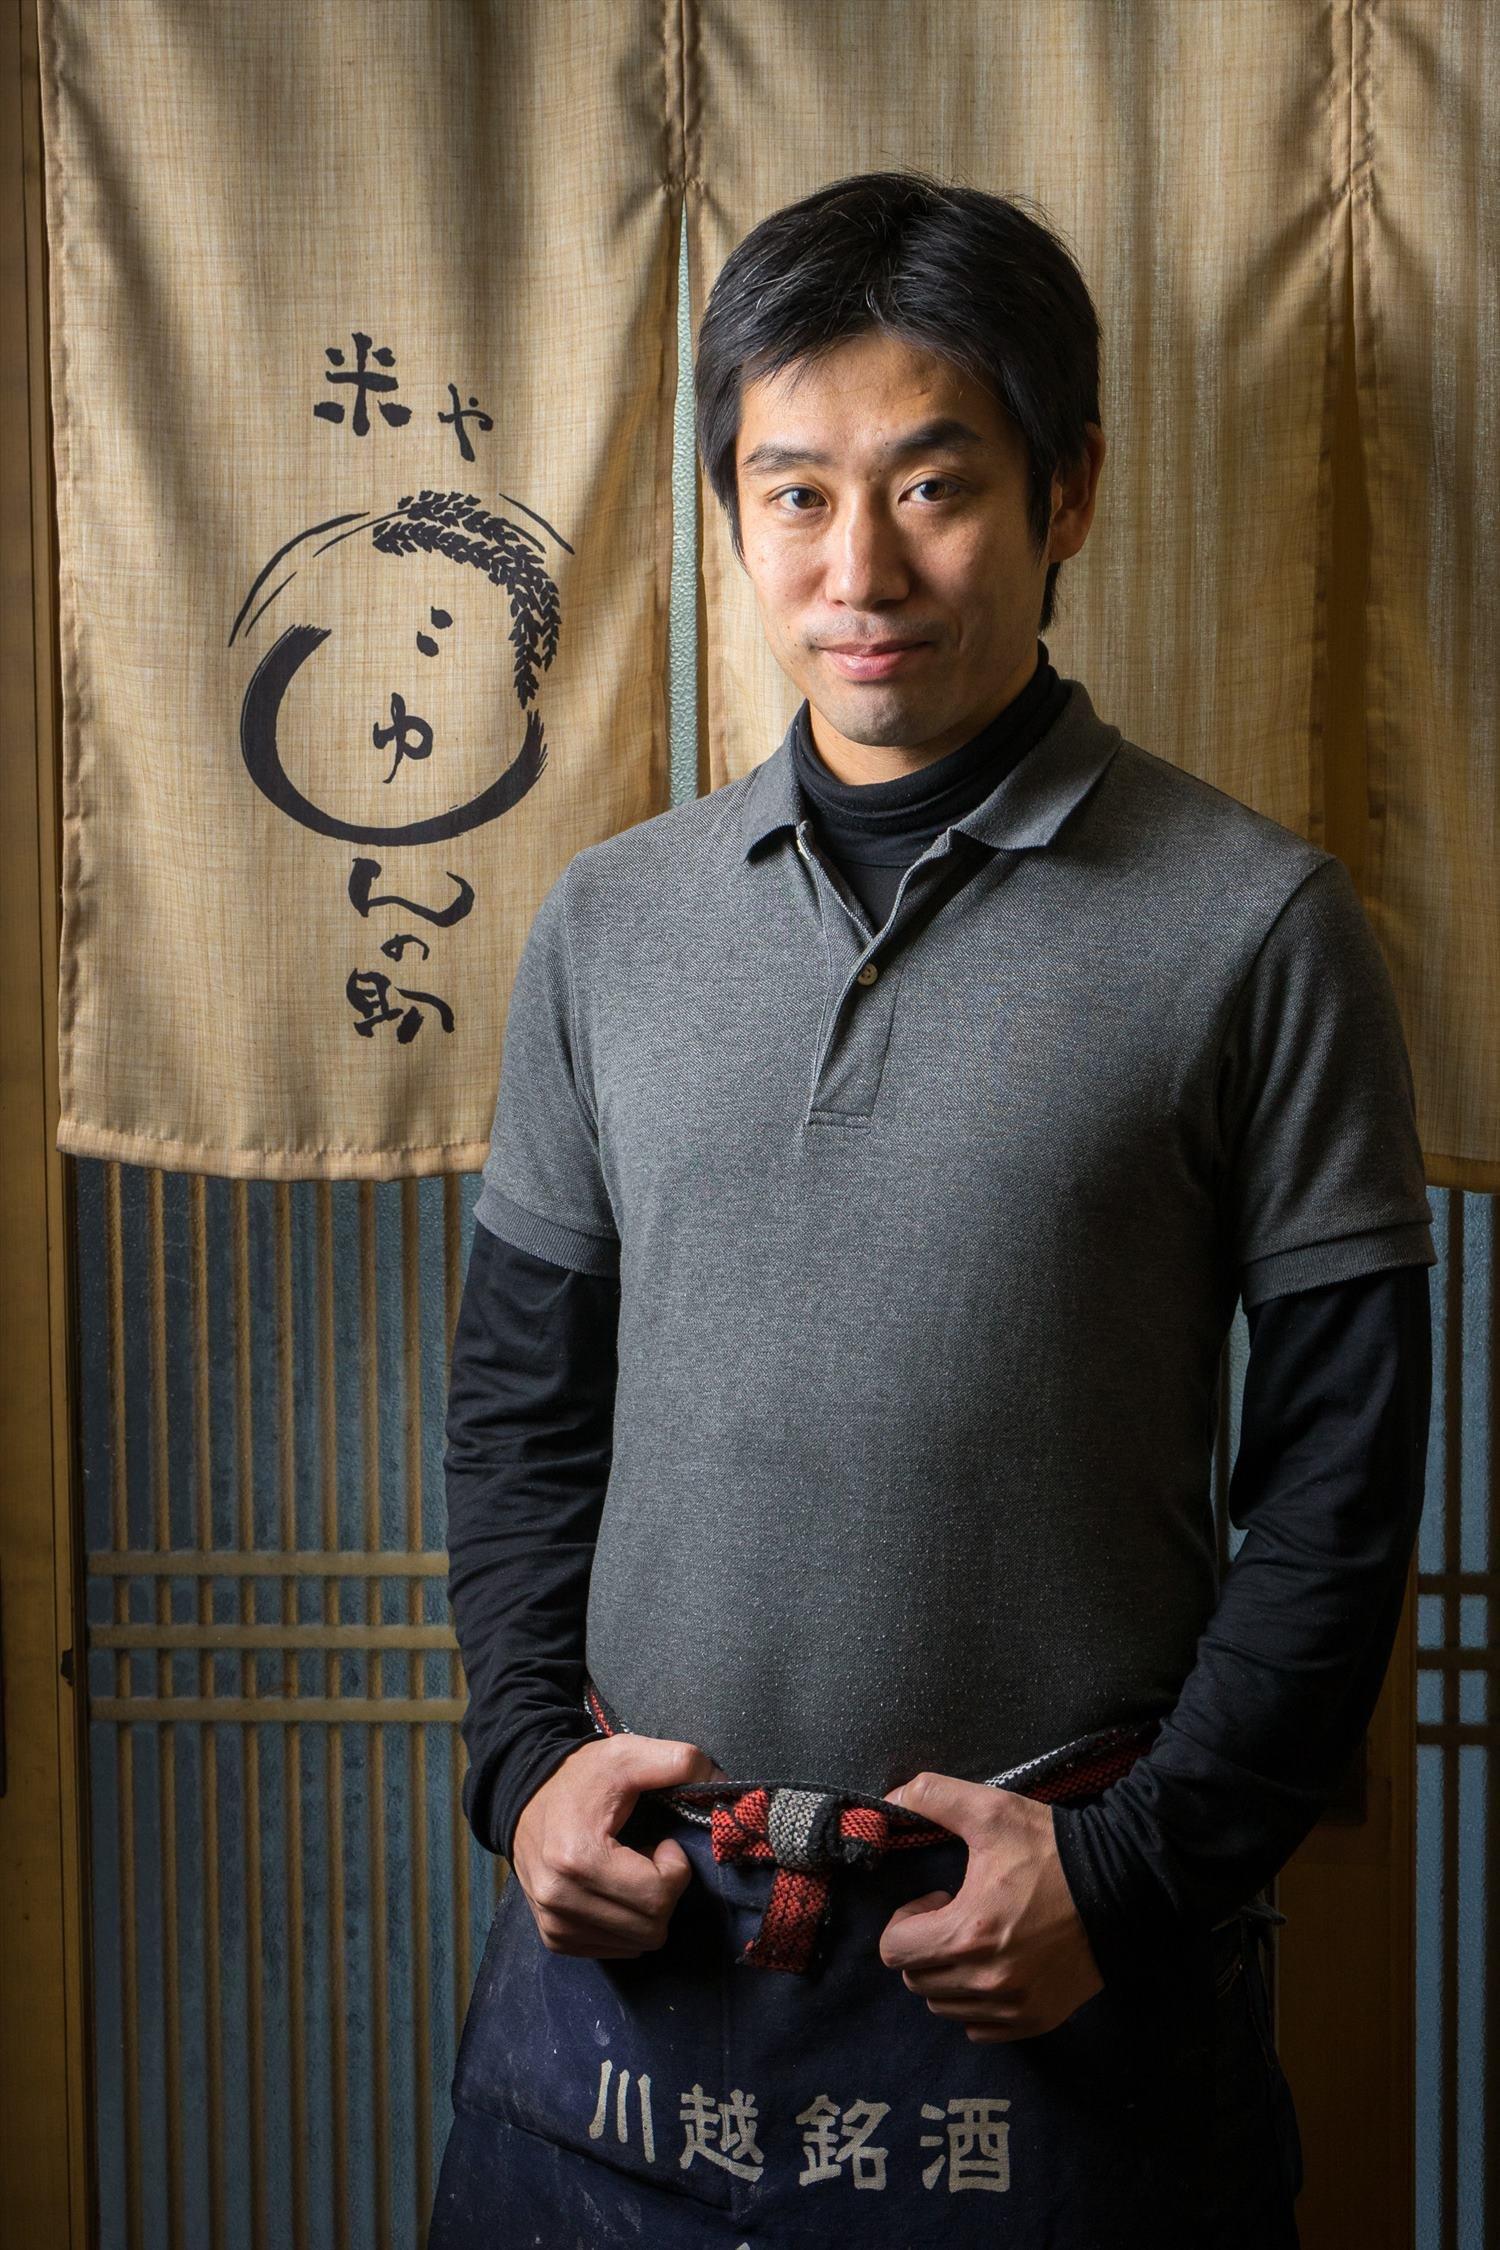 「冷やでも燗でもお好みでお出しします」本田淳さんが1人で切り盛りする。